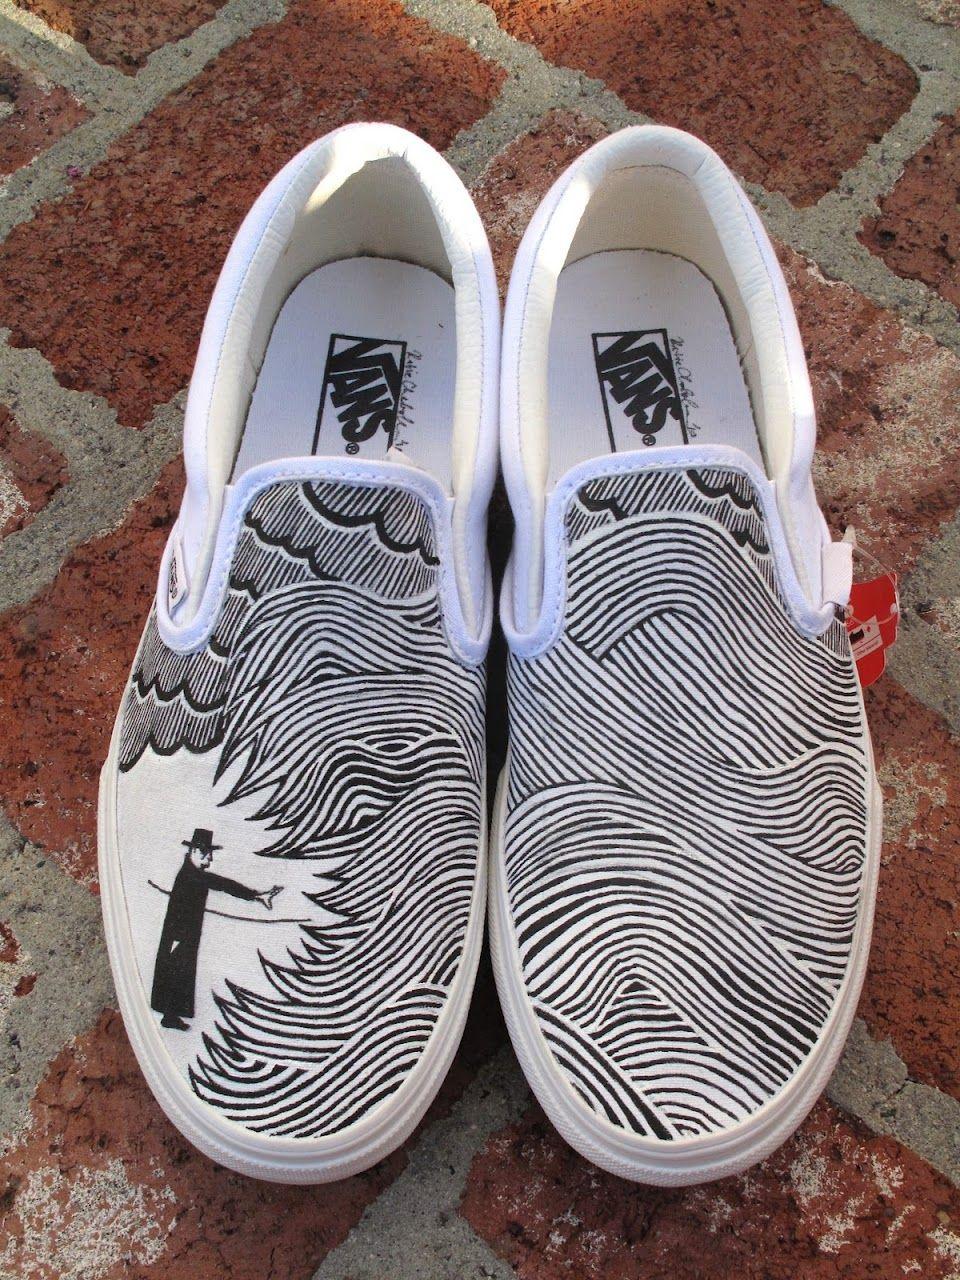 22a60b28ffe Thom Yorke Eraser vans Painted Vans